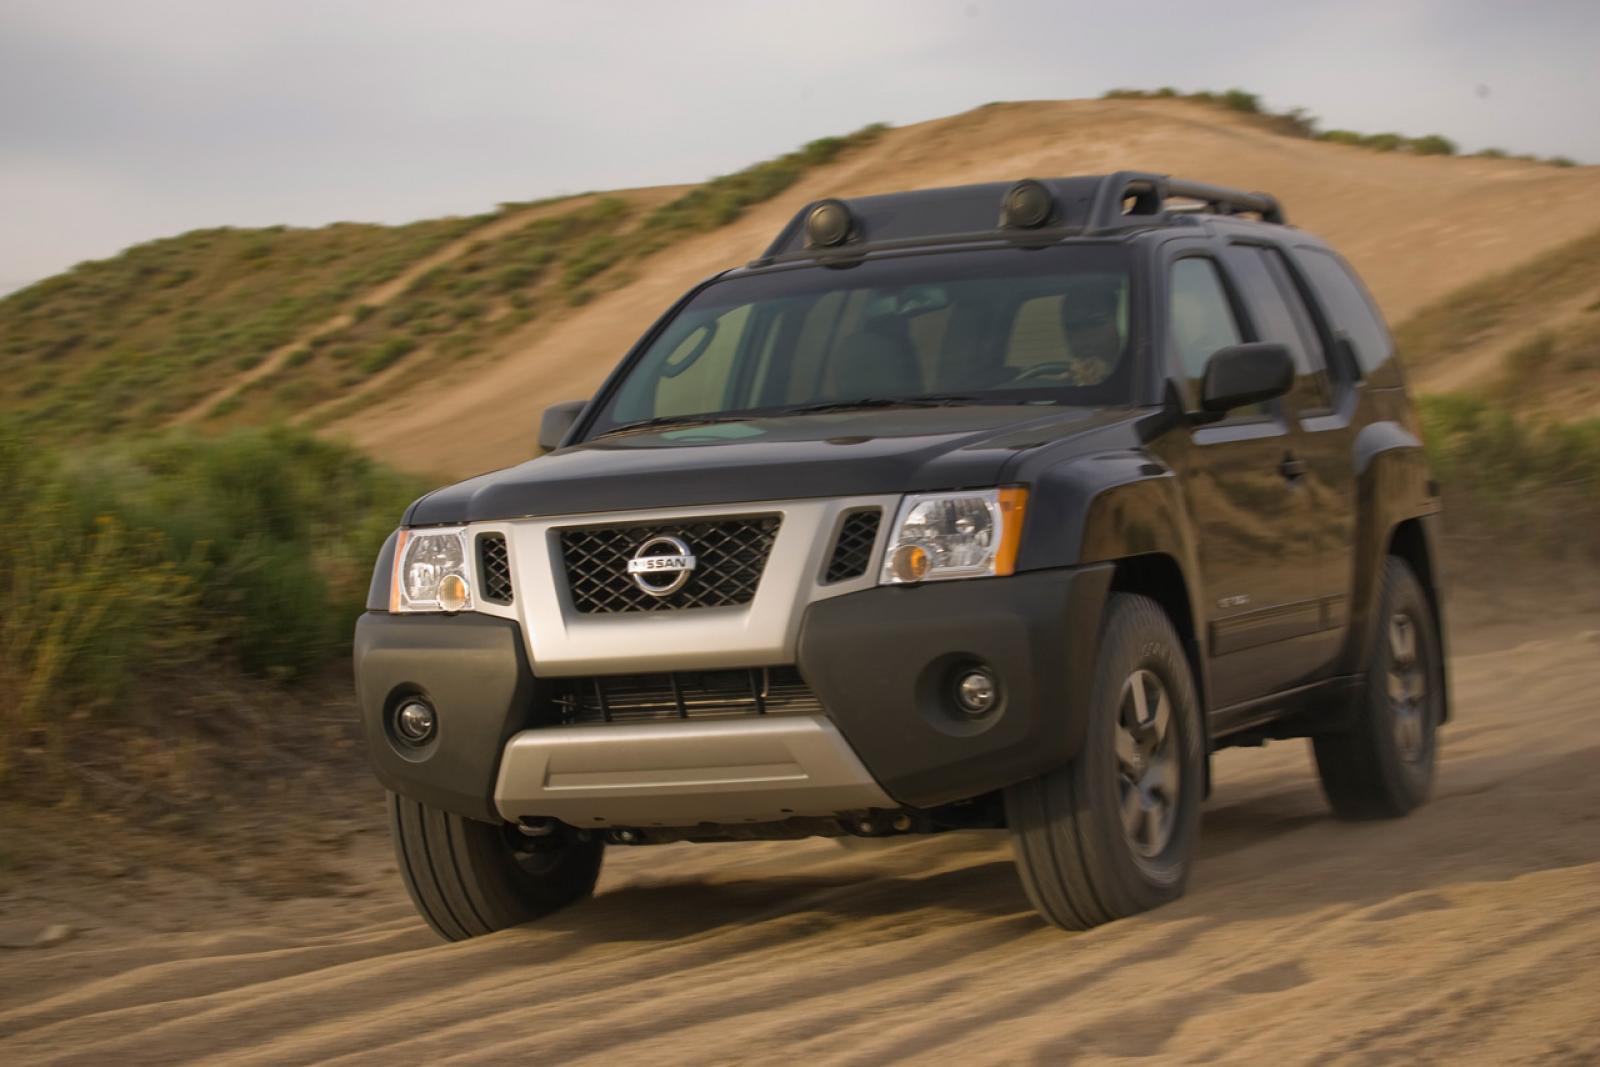 2010 Nissan Pathfinder #10 Nissan Pathfinder #10 800 1024 1280 1600 Origin  ...